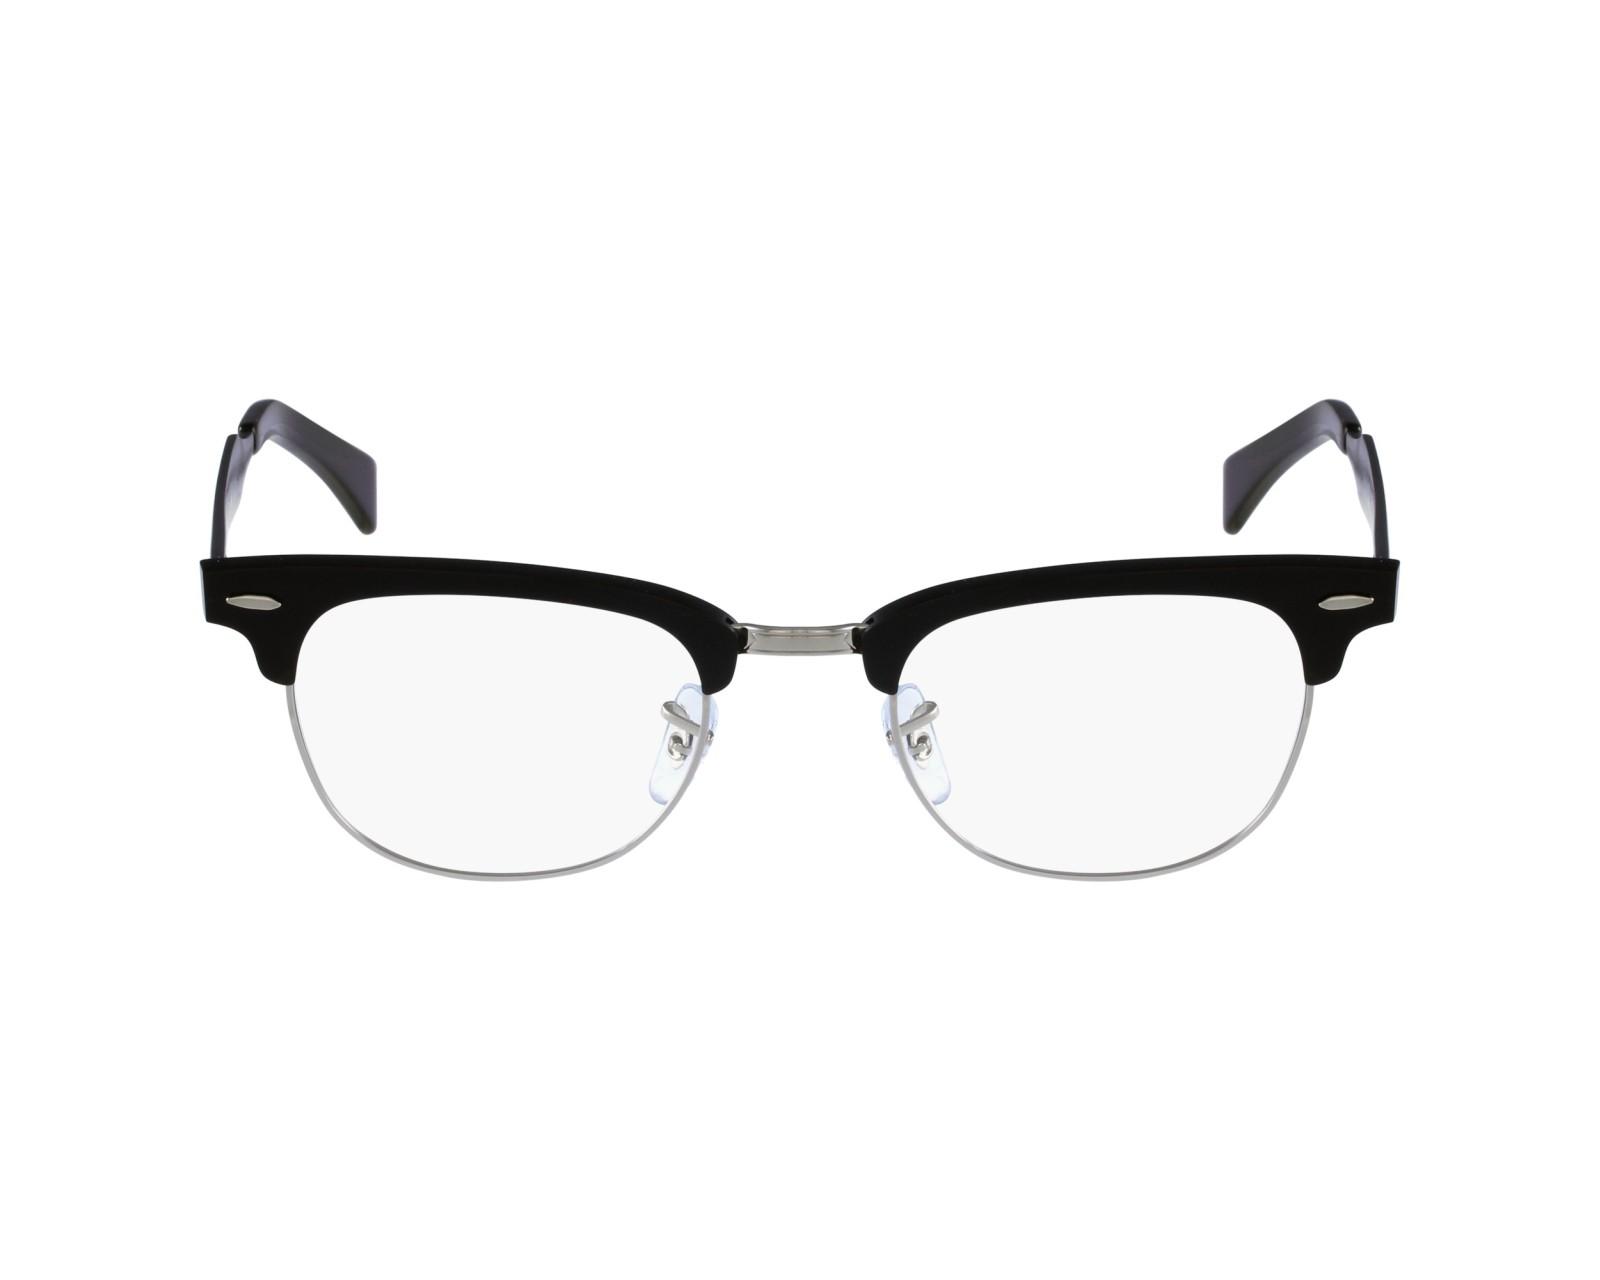 ray ban lunettes de vue 2016